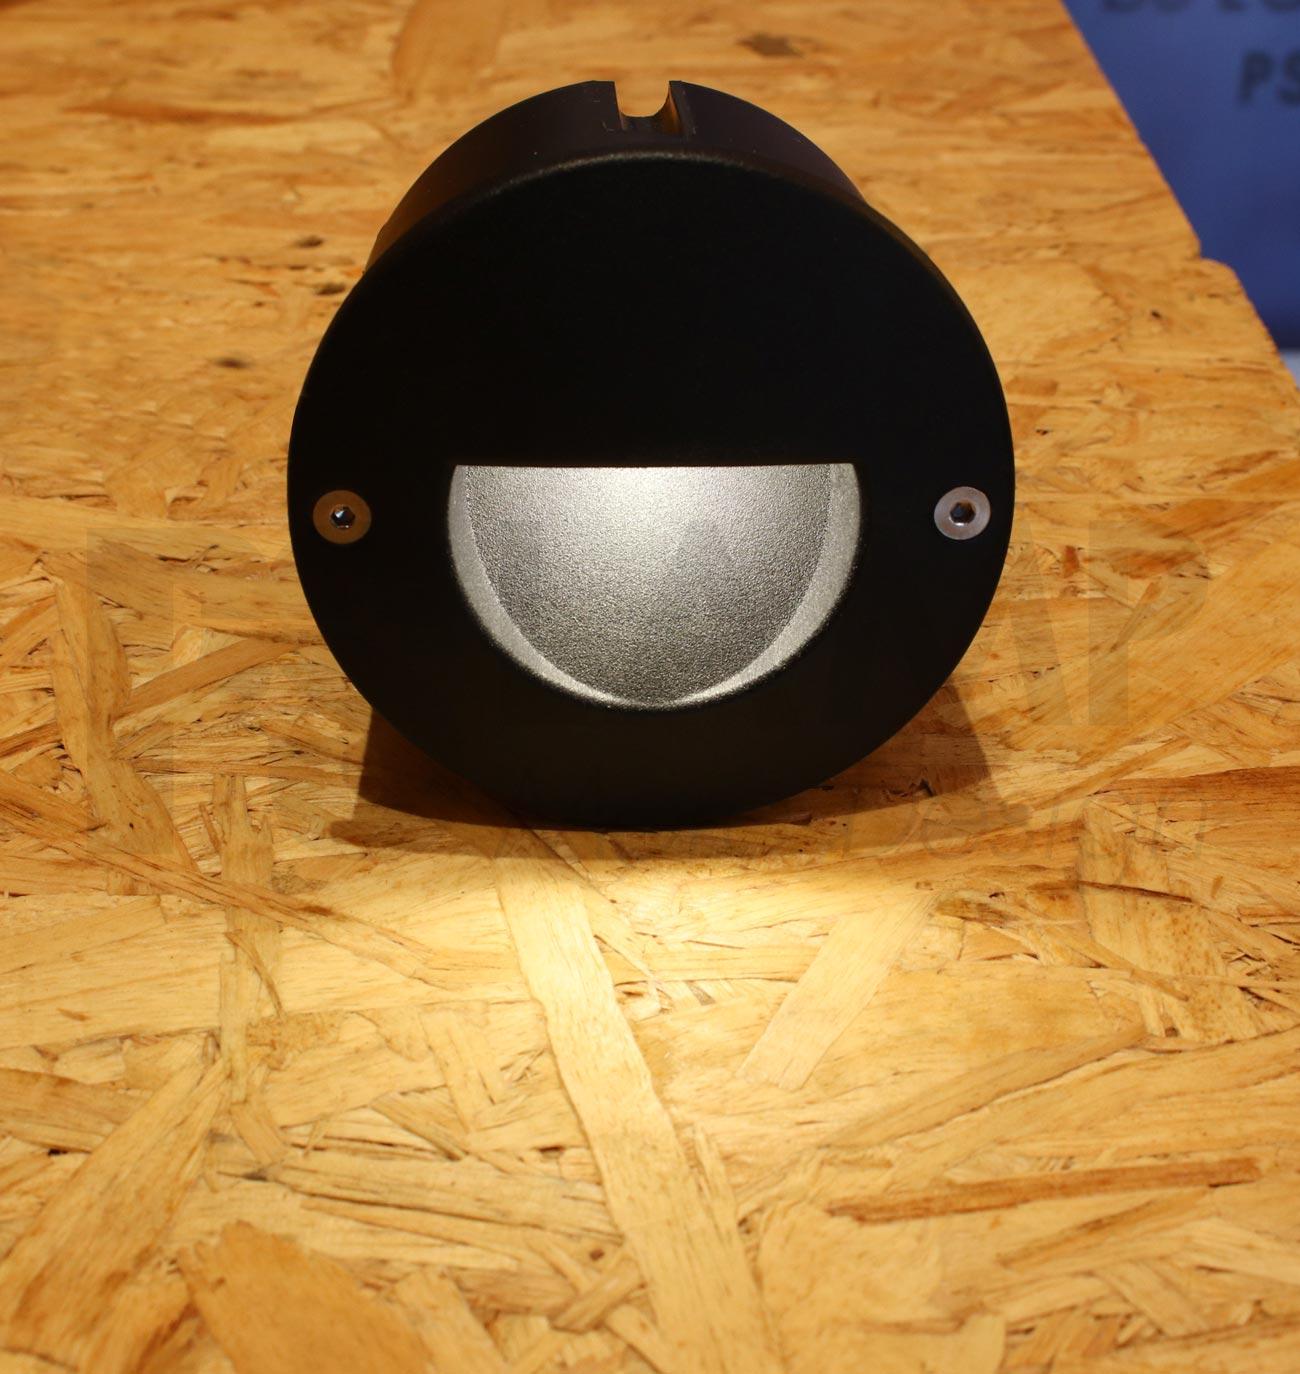 โคมไฟฝังผนัง Step Light โคมไฟภายนอก โคมไฟติดผนัง DOT-ROUND-RAMP-BLACK